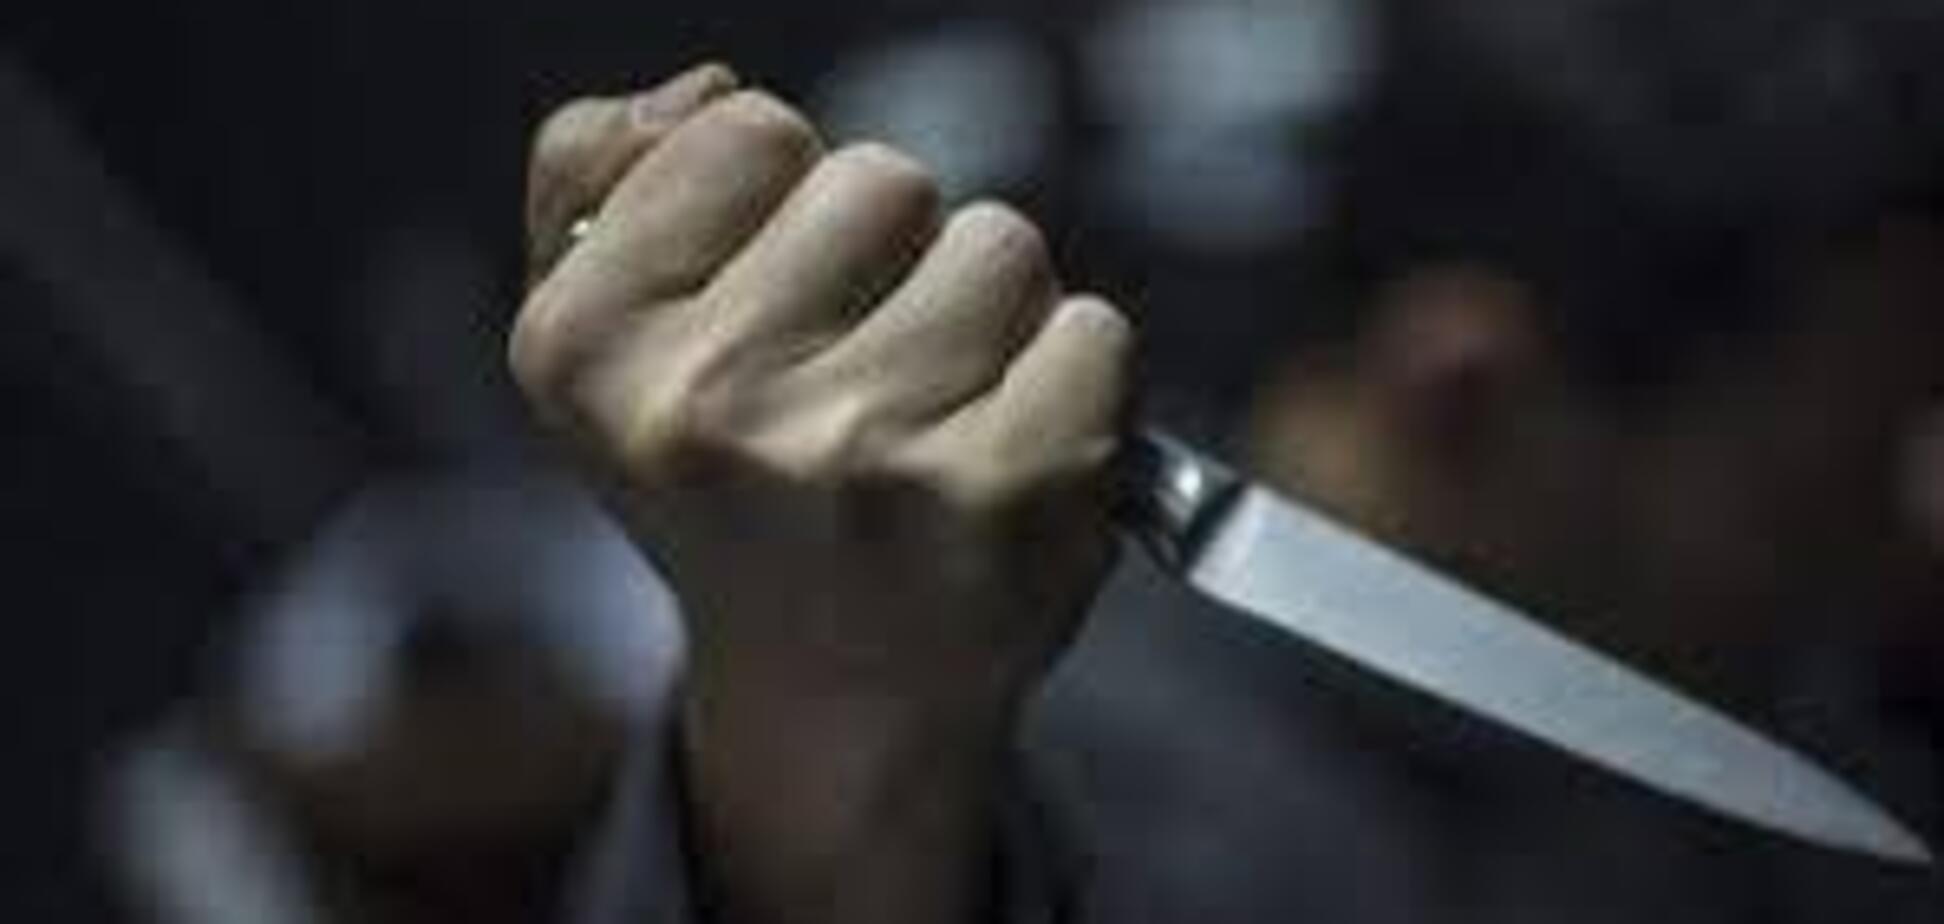 Пырнул ножом в живот: в Одессе произошло кровавое ЧП